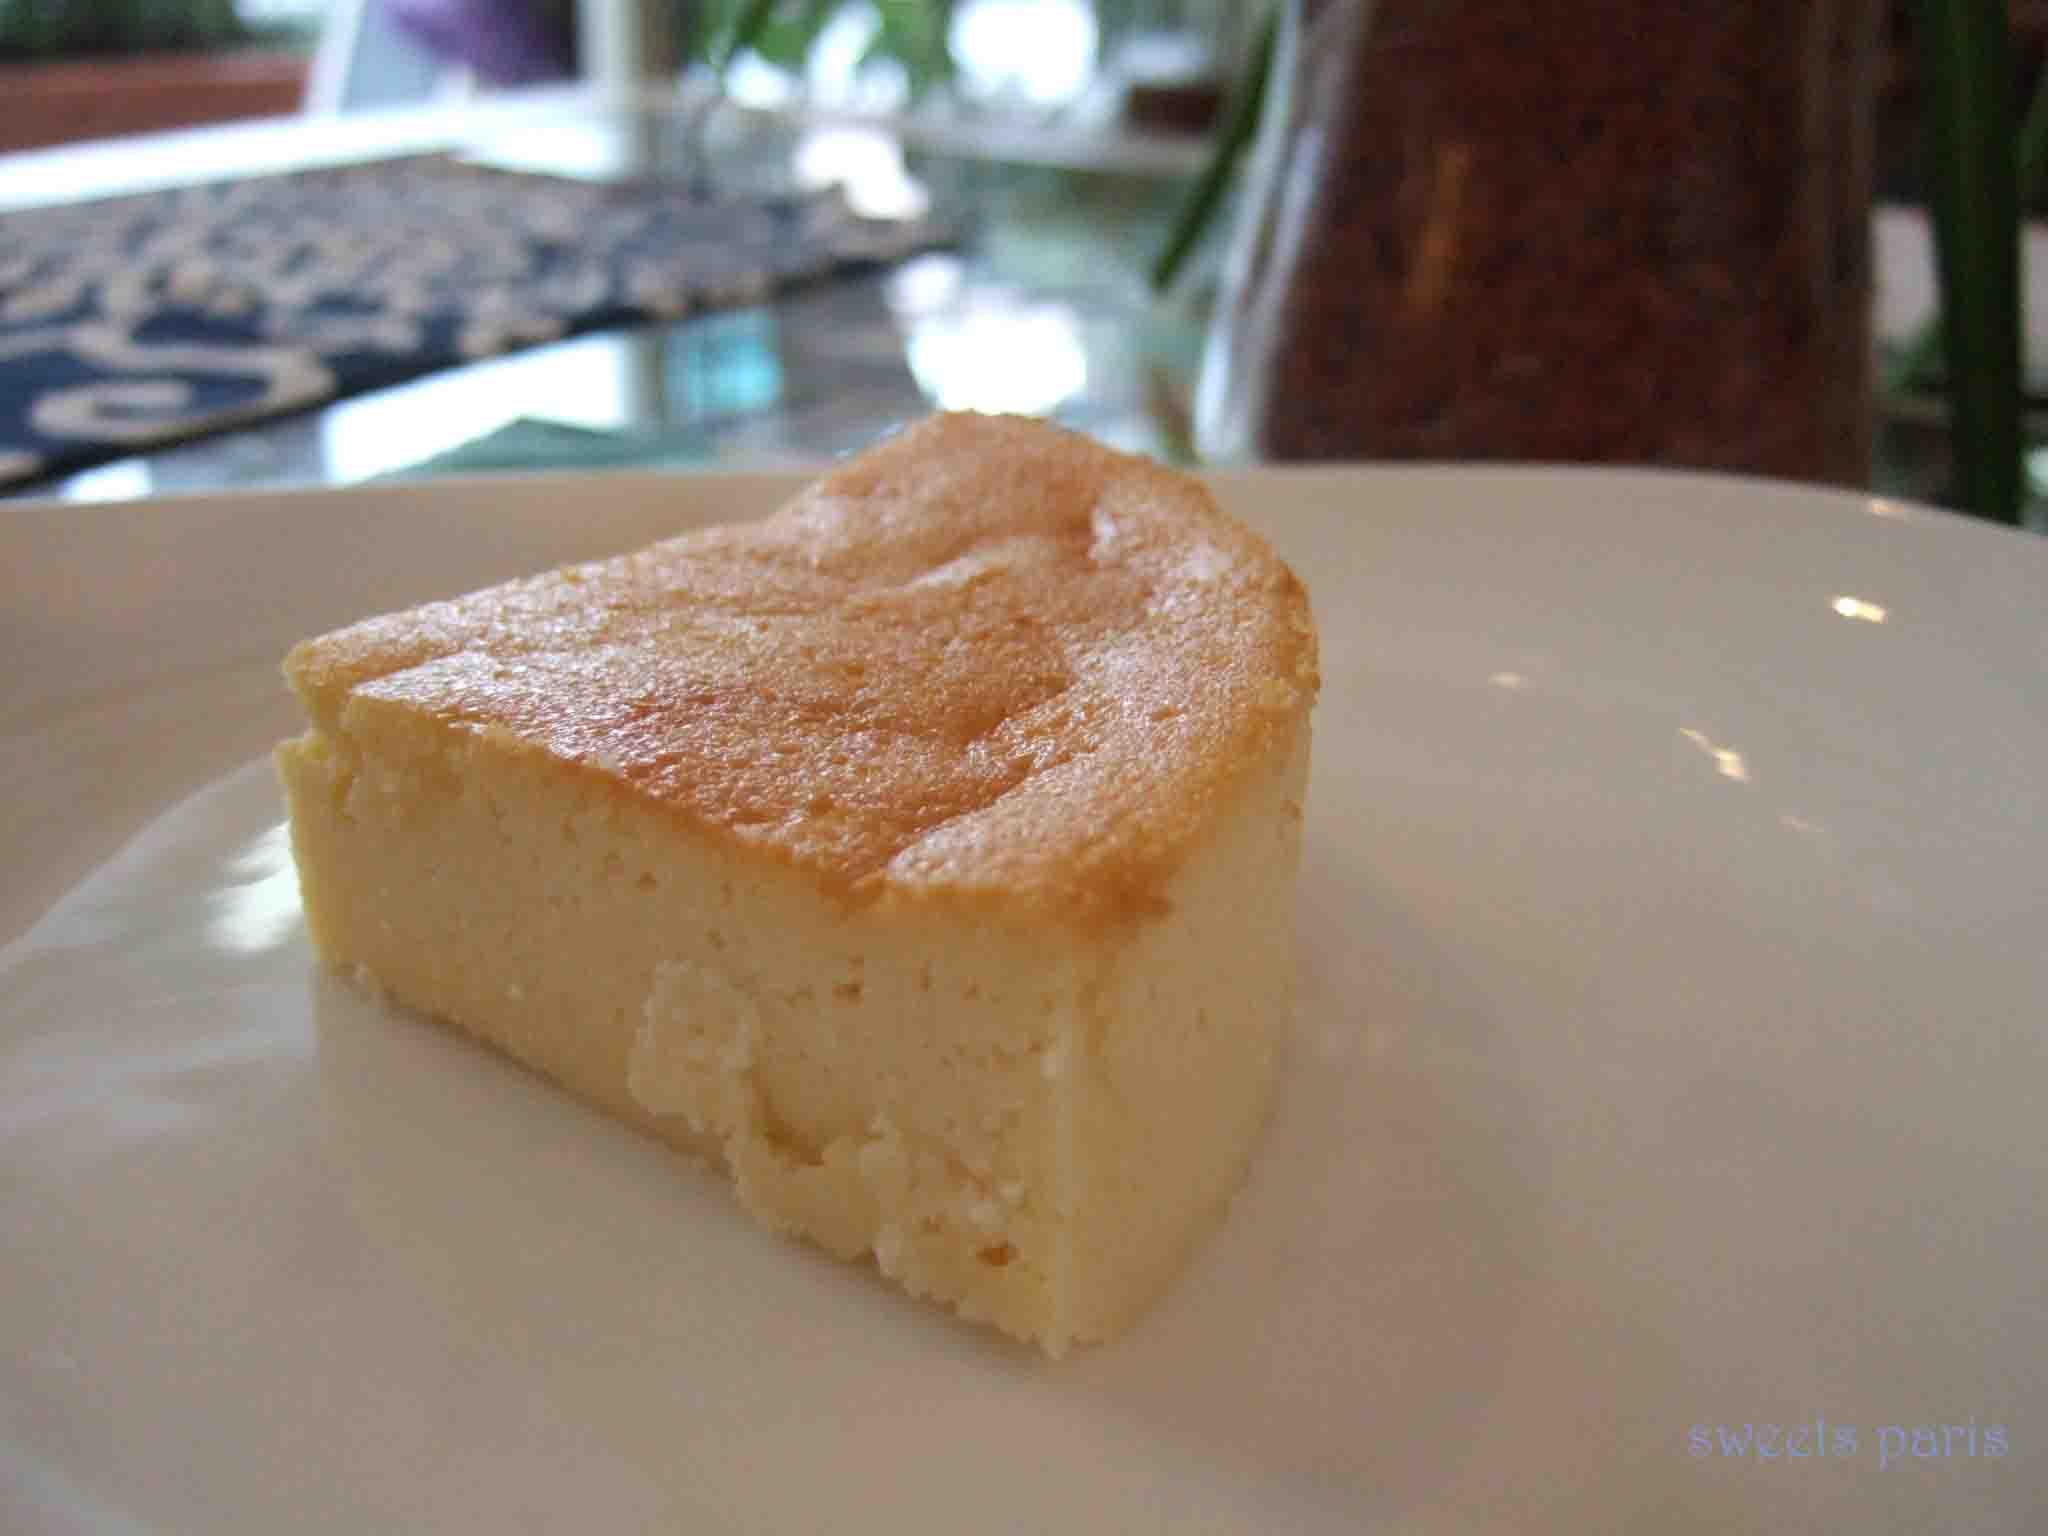 カロリー控えめガトーフロマージュの作りかた Recette gateau fromage